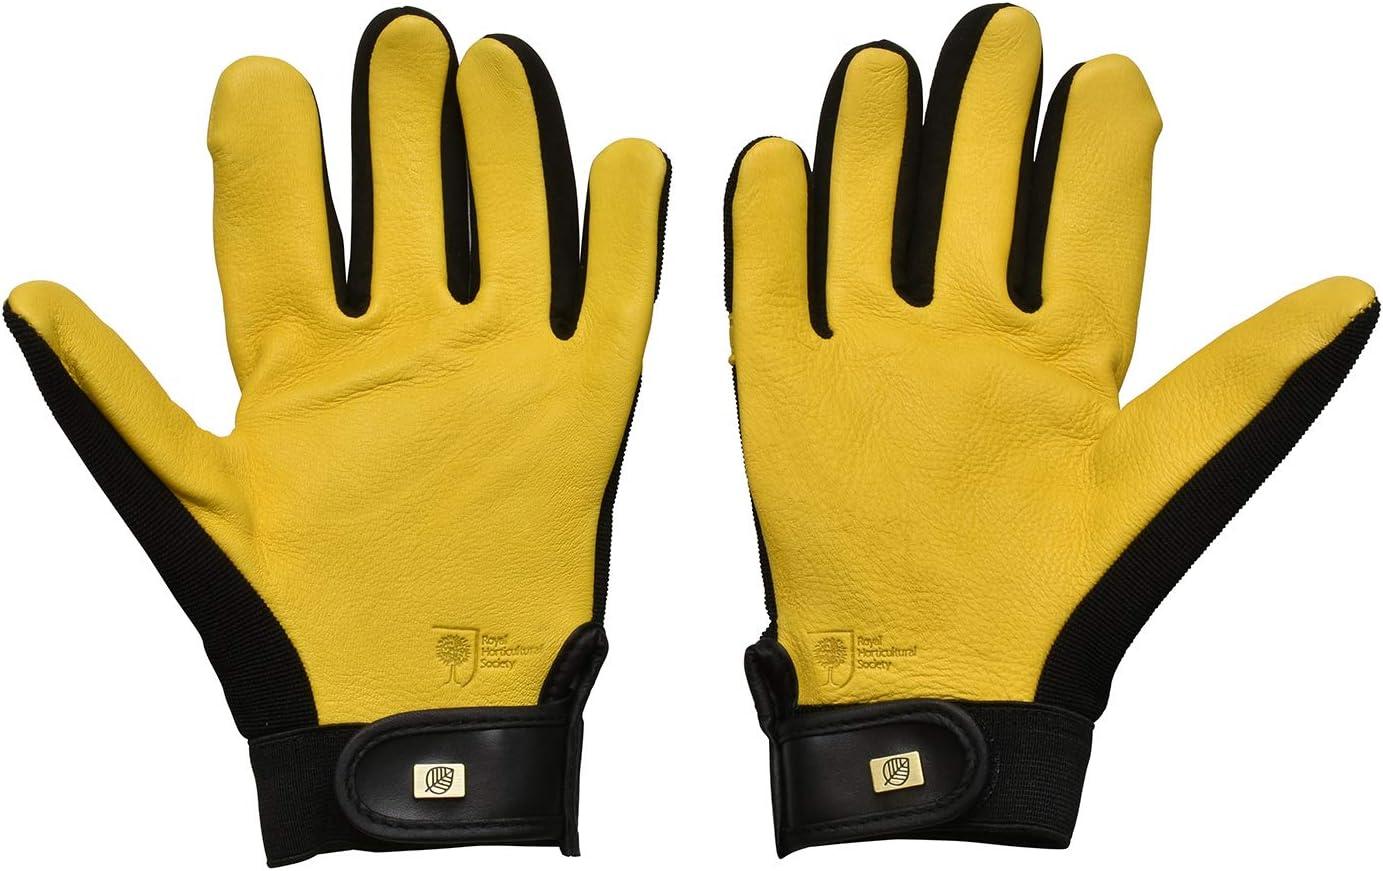 WAGNER Gold Leaf Gloves Damen Gartenhandschuhe der Extraklasse Rindsleder // wasserabweisende Spezialimpr/ägnierung // RHS Auszeichnung DRY TOUCH 25302100